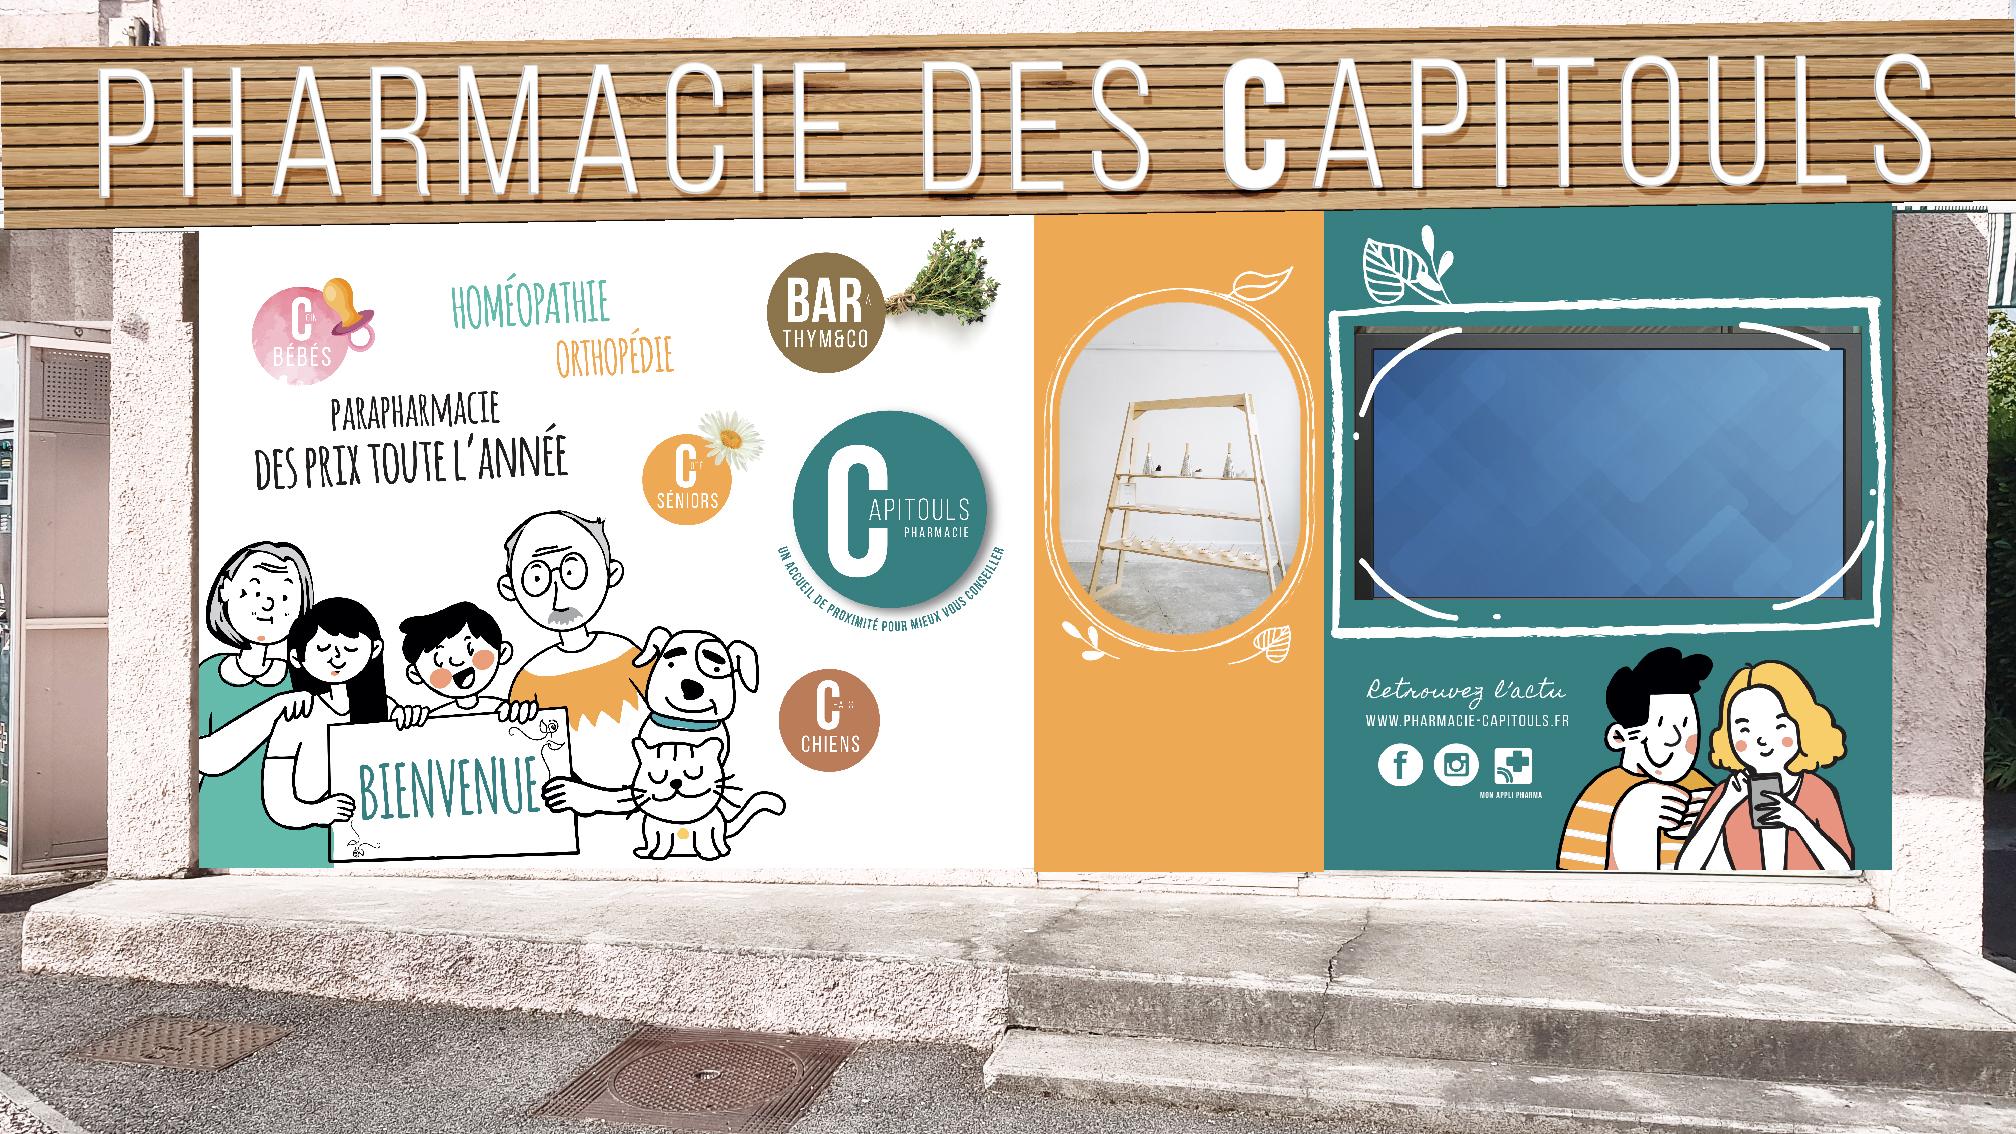 nouvelle façade pharmacie Capitouls